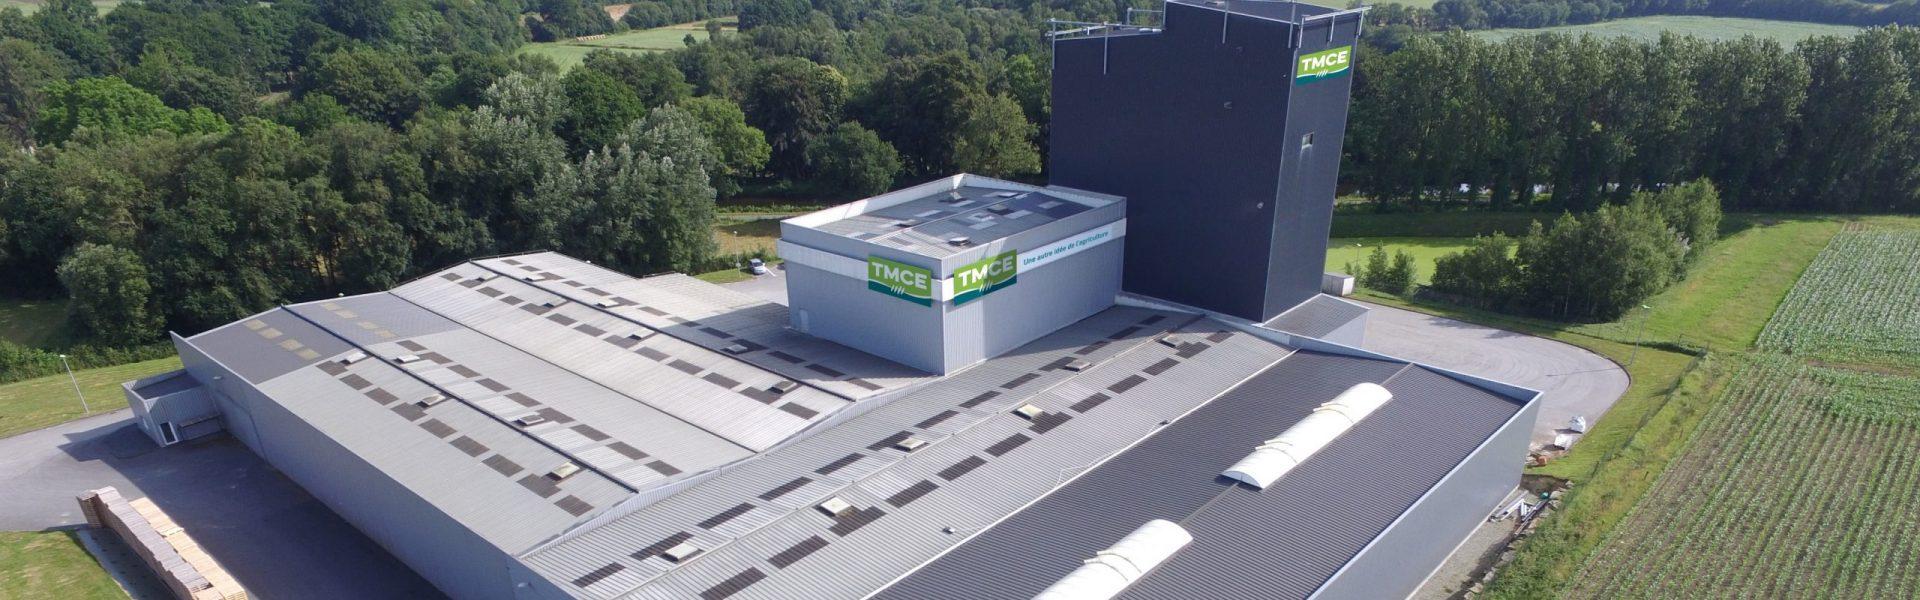 TMCE fabrique ces produits dans son usine en Bretagne